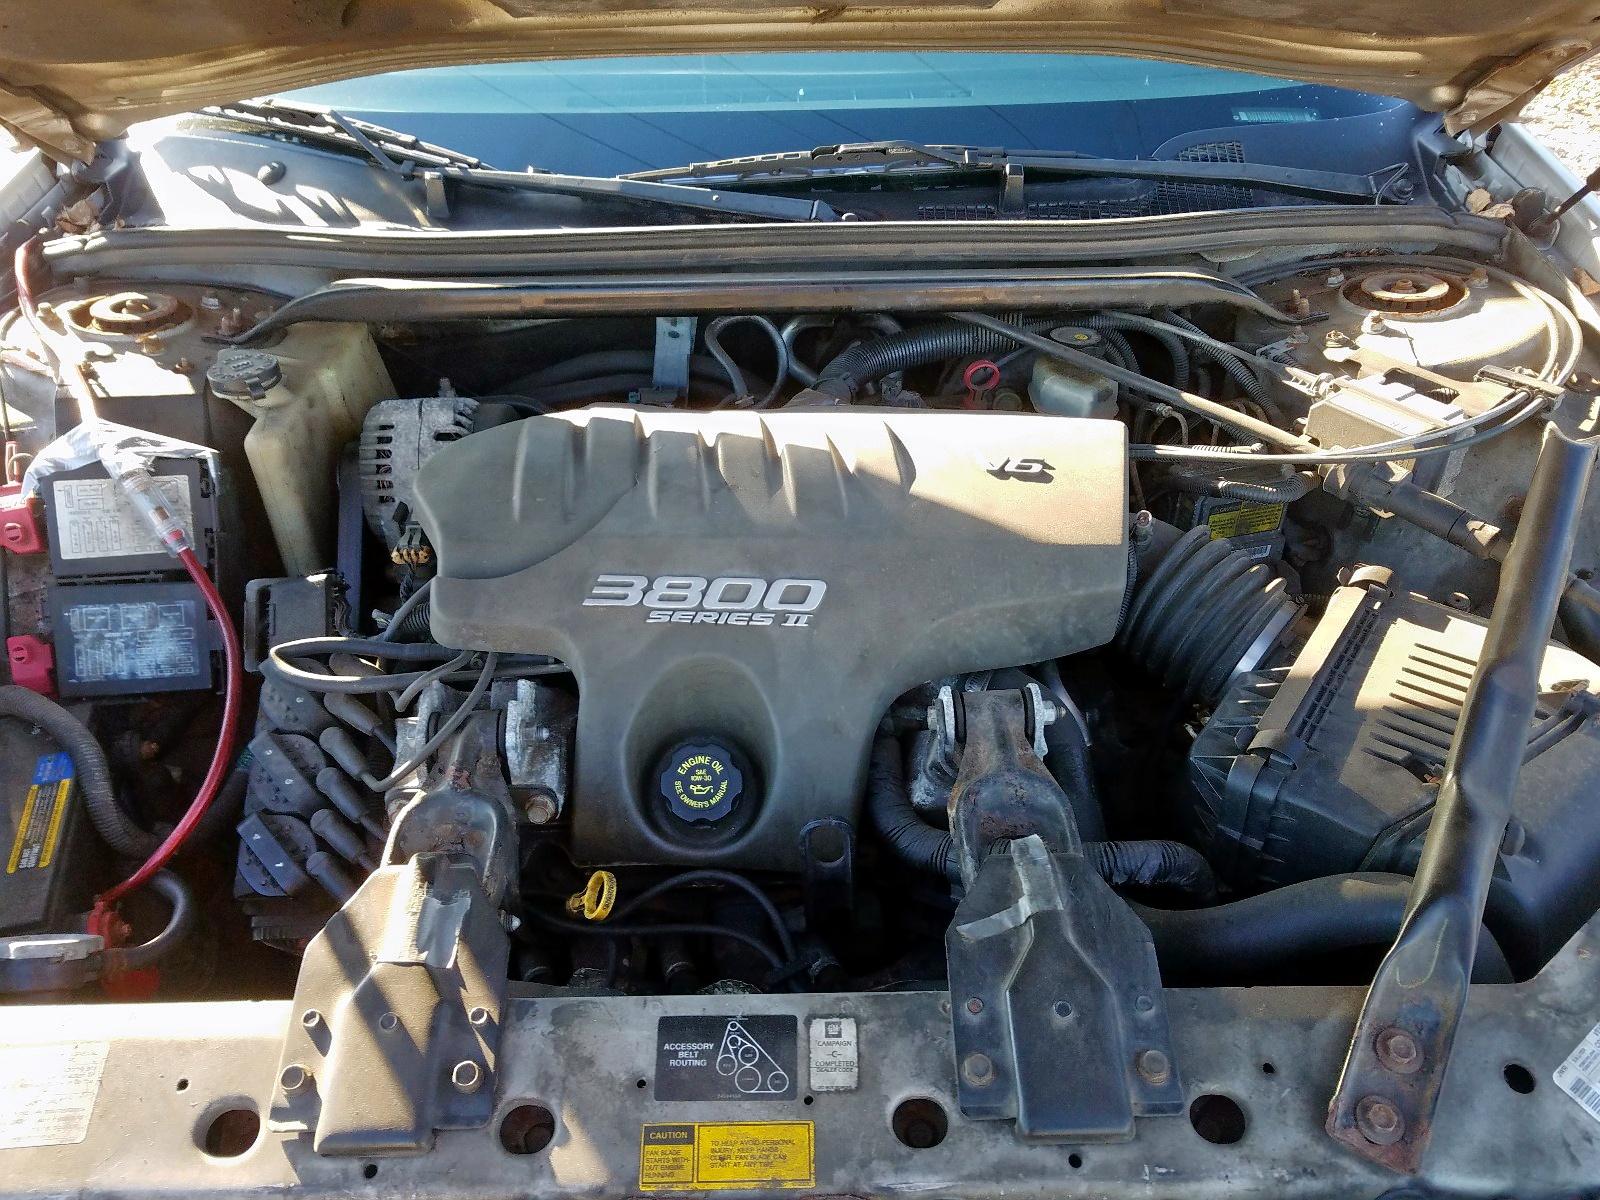 2G1WH55K5Y9130344 - 2000 Chevrolet Impala Ls 3.8L inside view